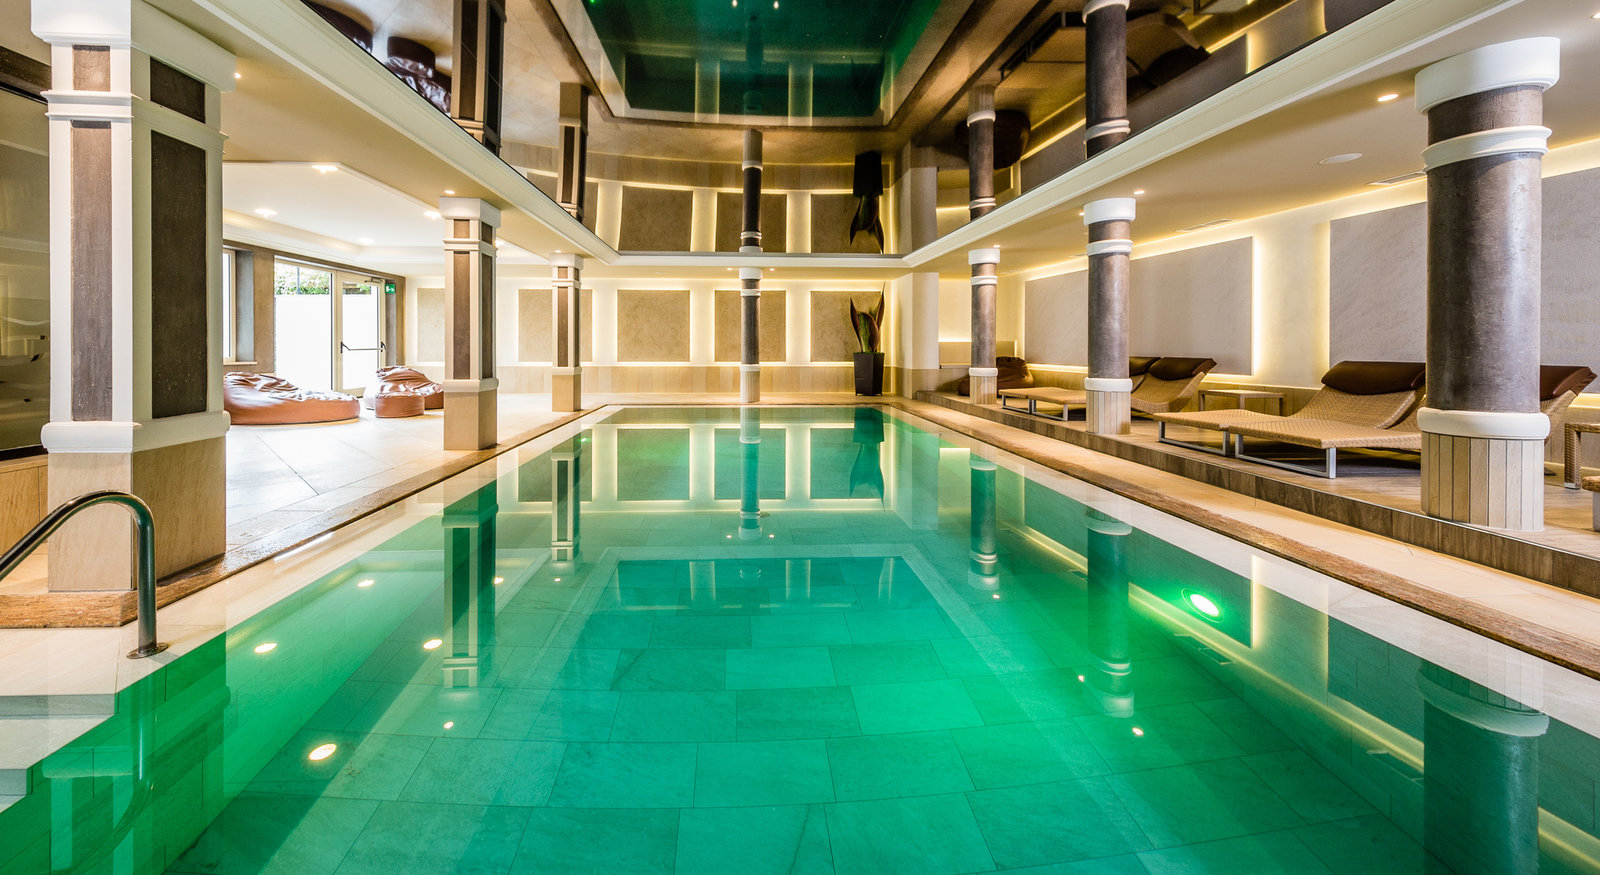 Hotel anderlahn a parcines presso merano - Hotel merano 4 stelle con piscina ...